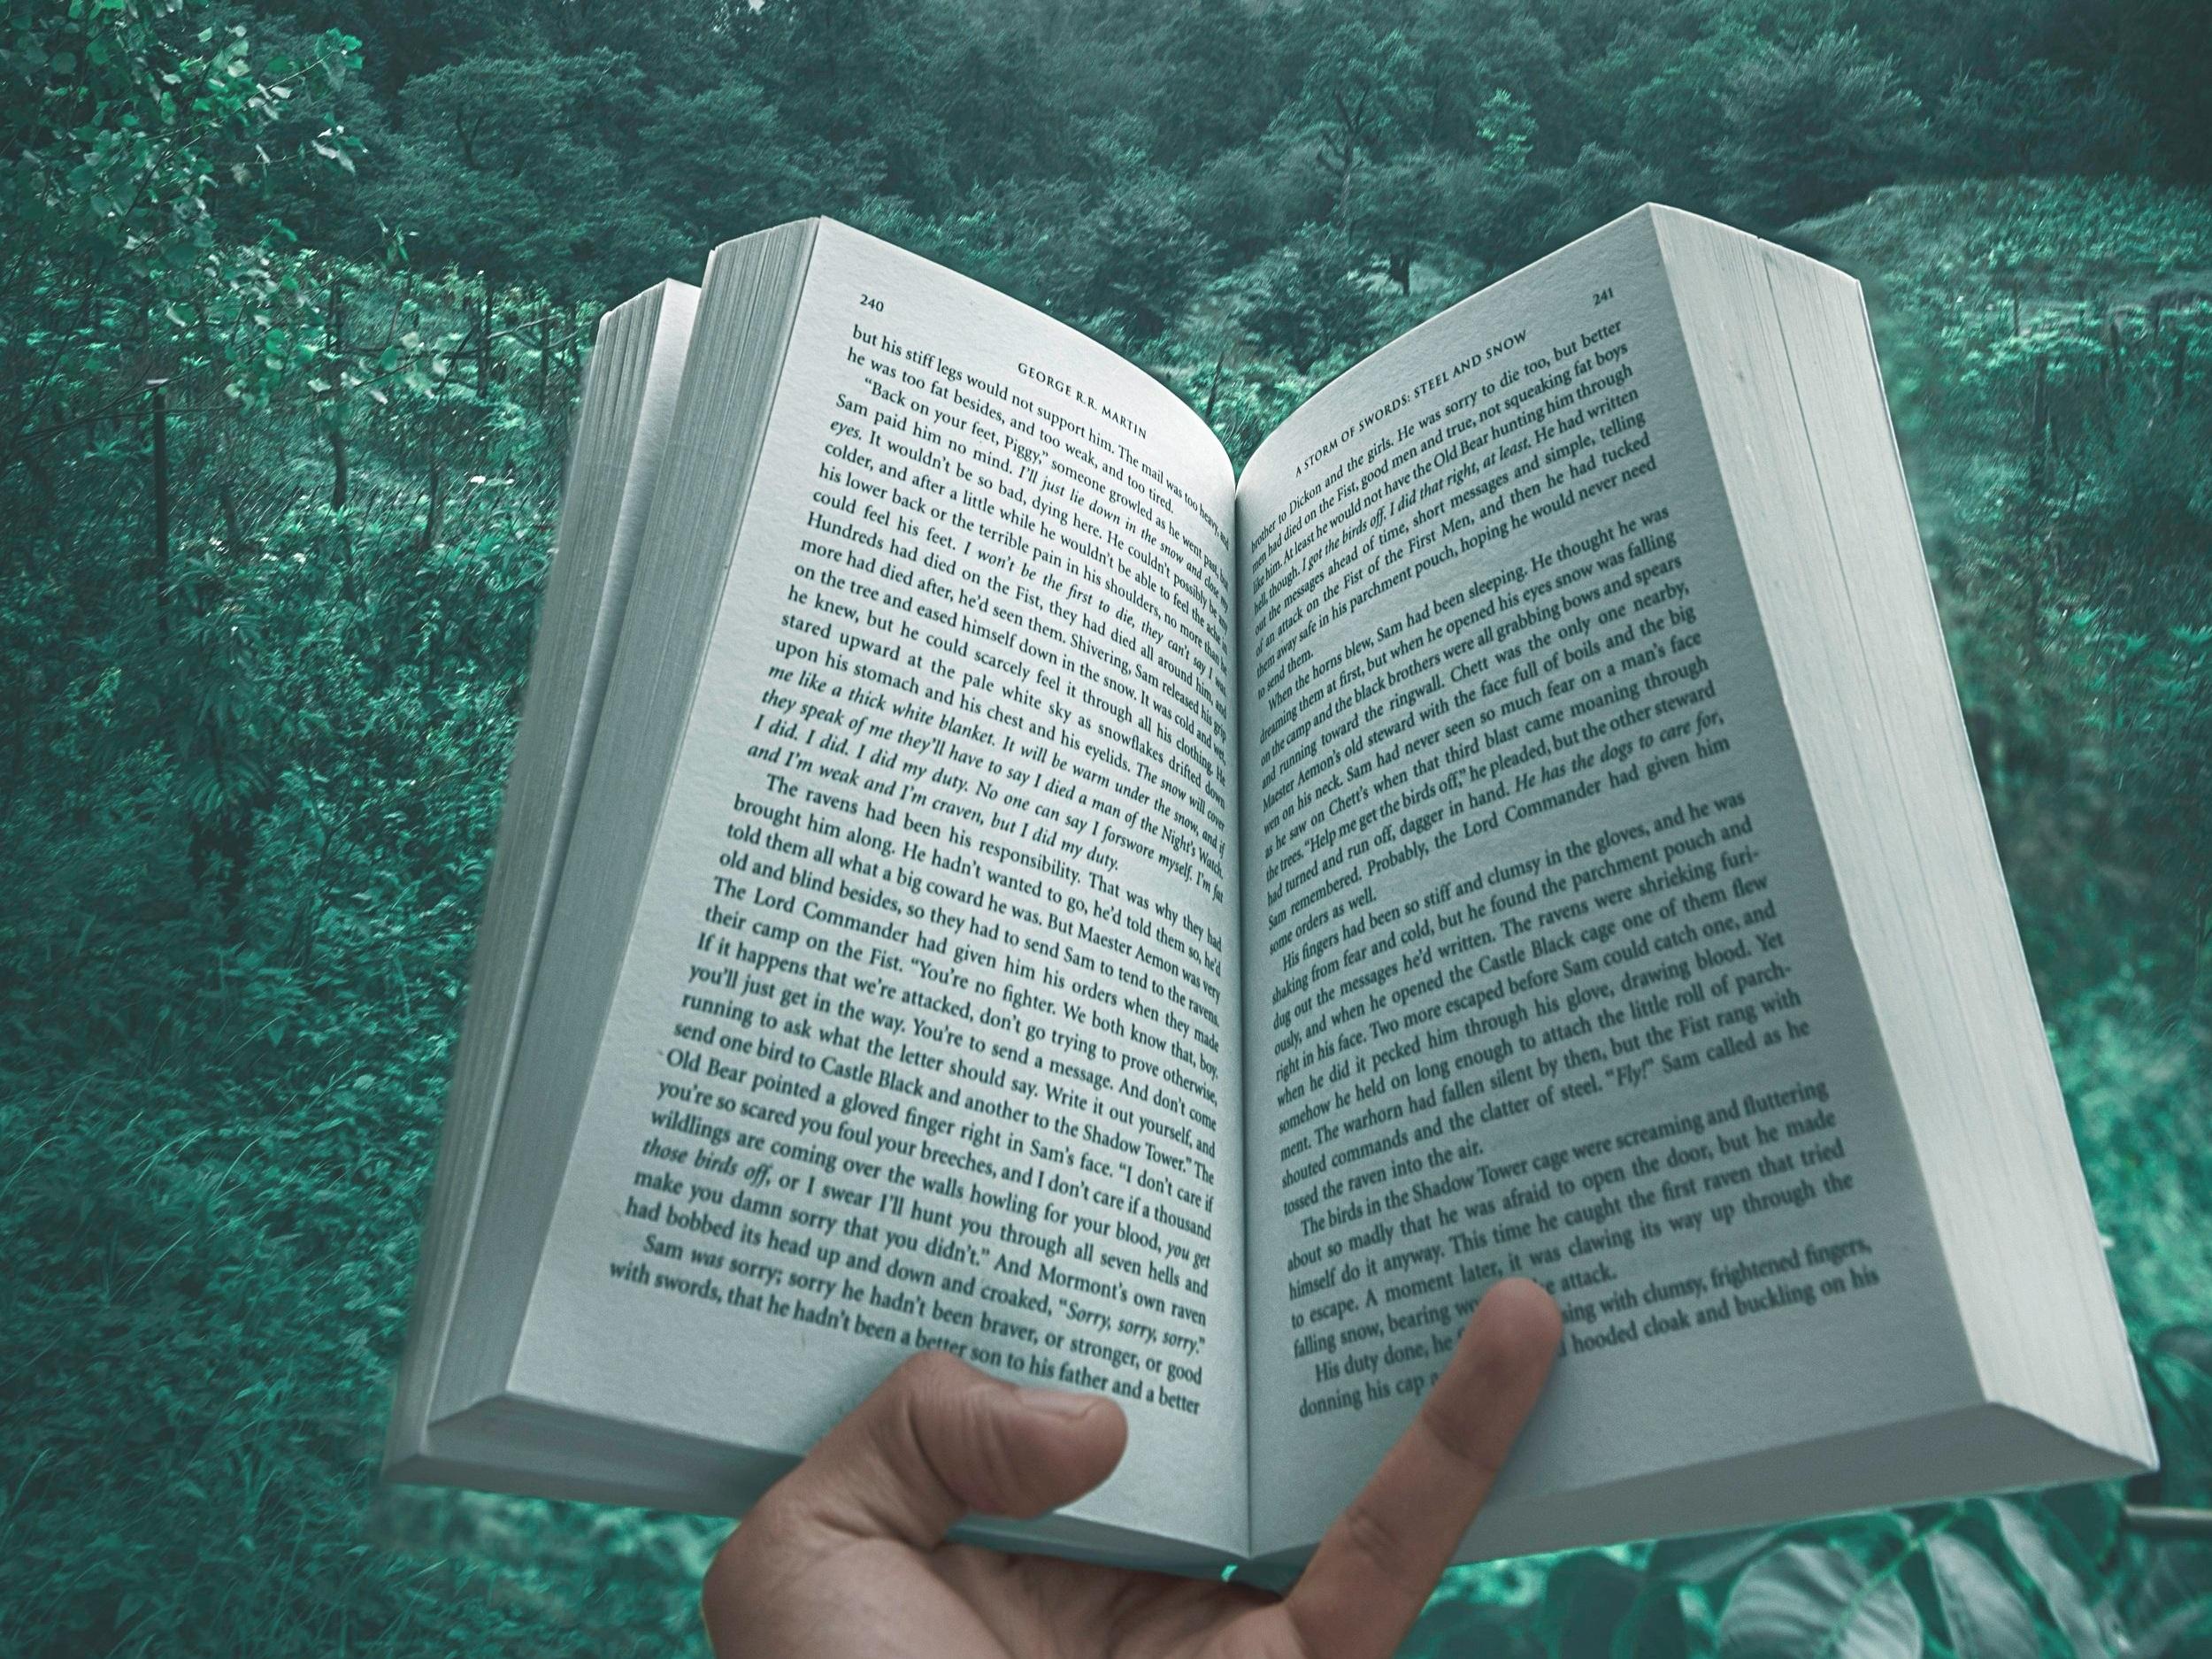 """Ny bog på vej - """"Aktivèr dit purpose""""Ja! Det ER en ledelsesopgave at redde verden."""